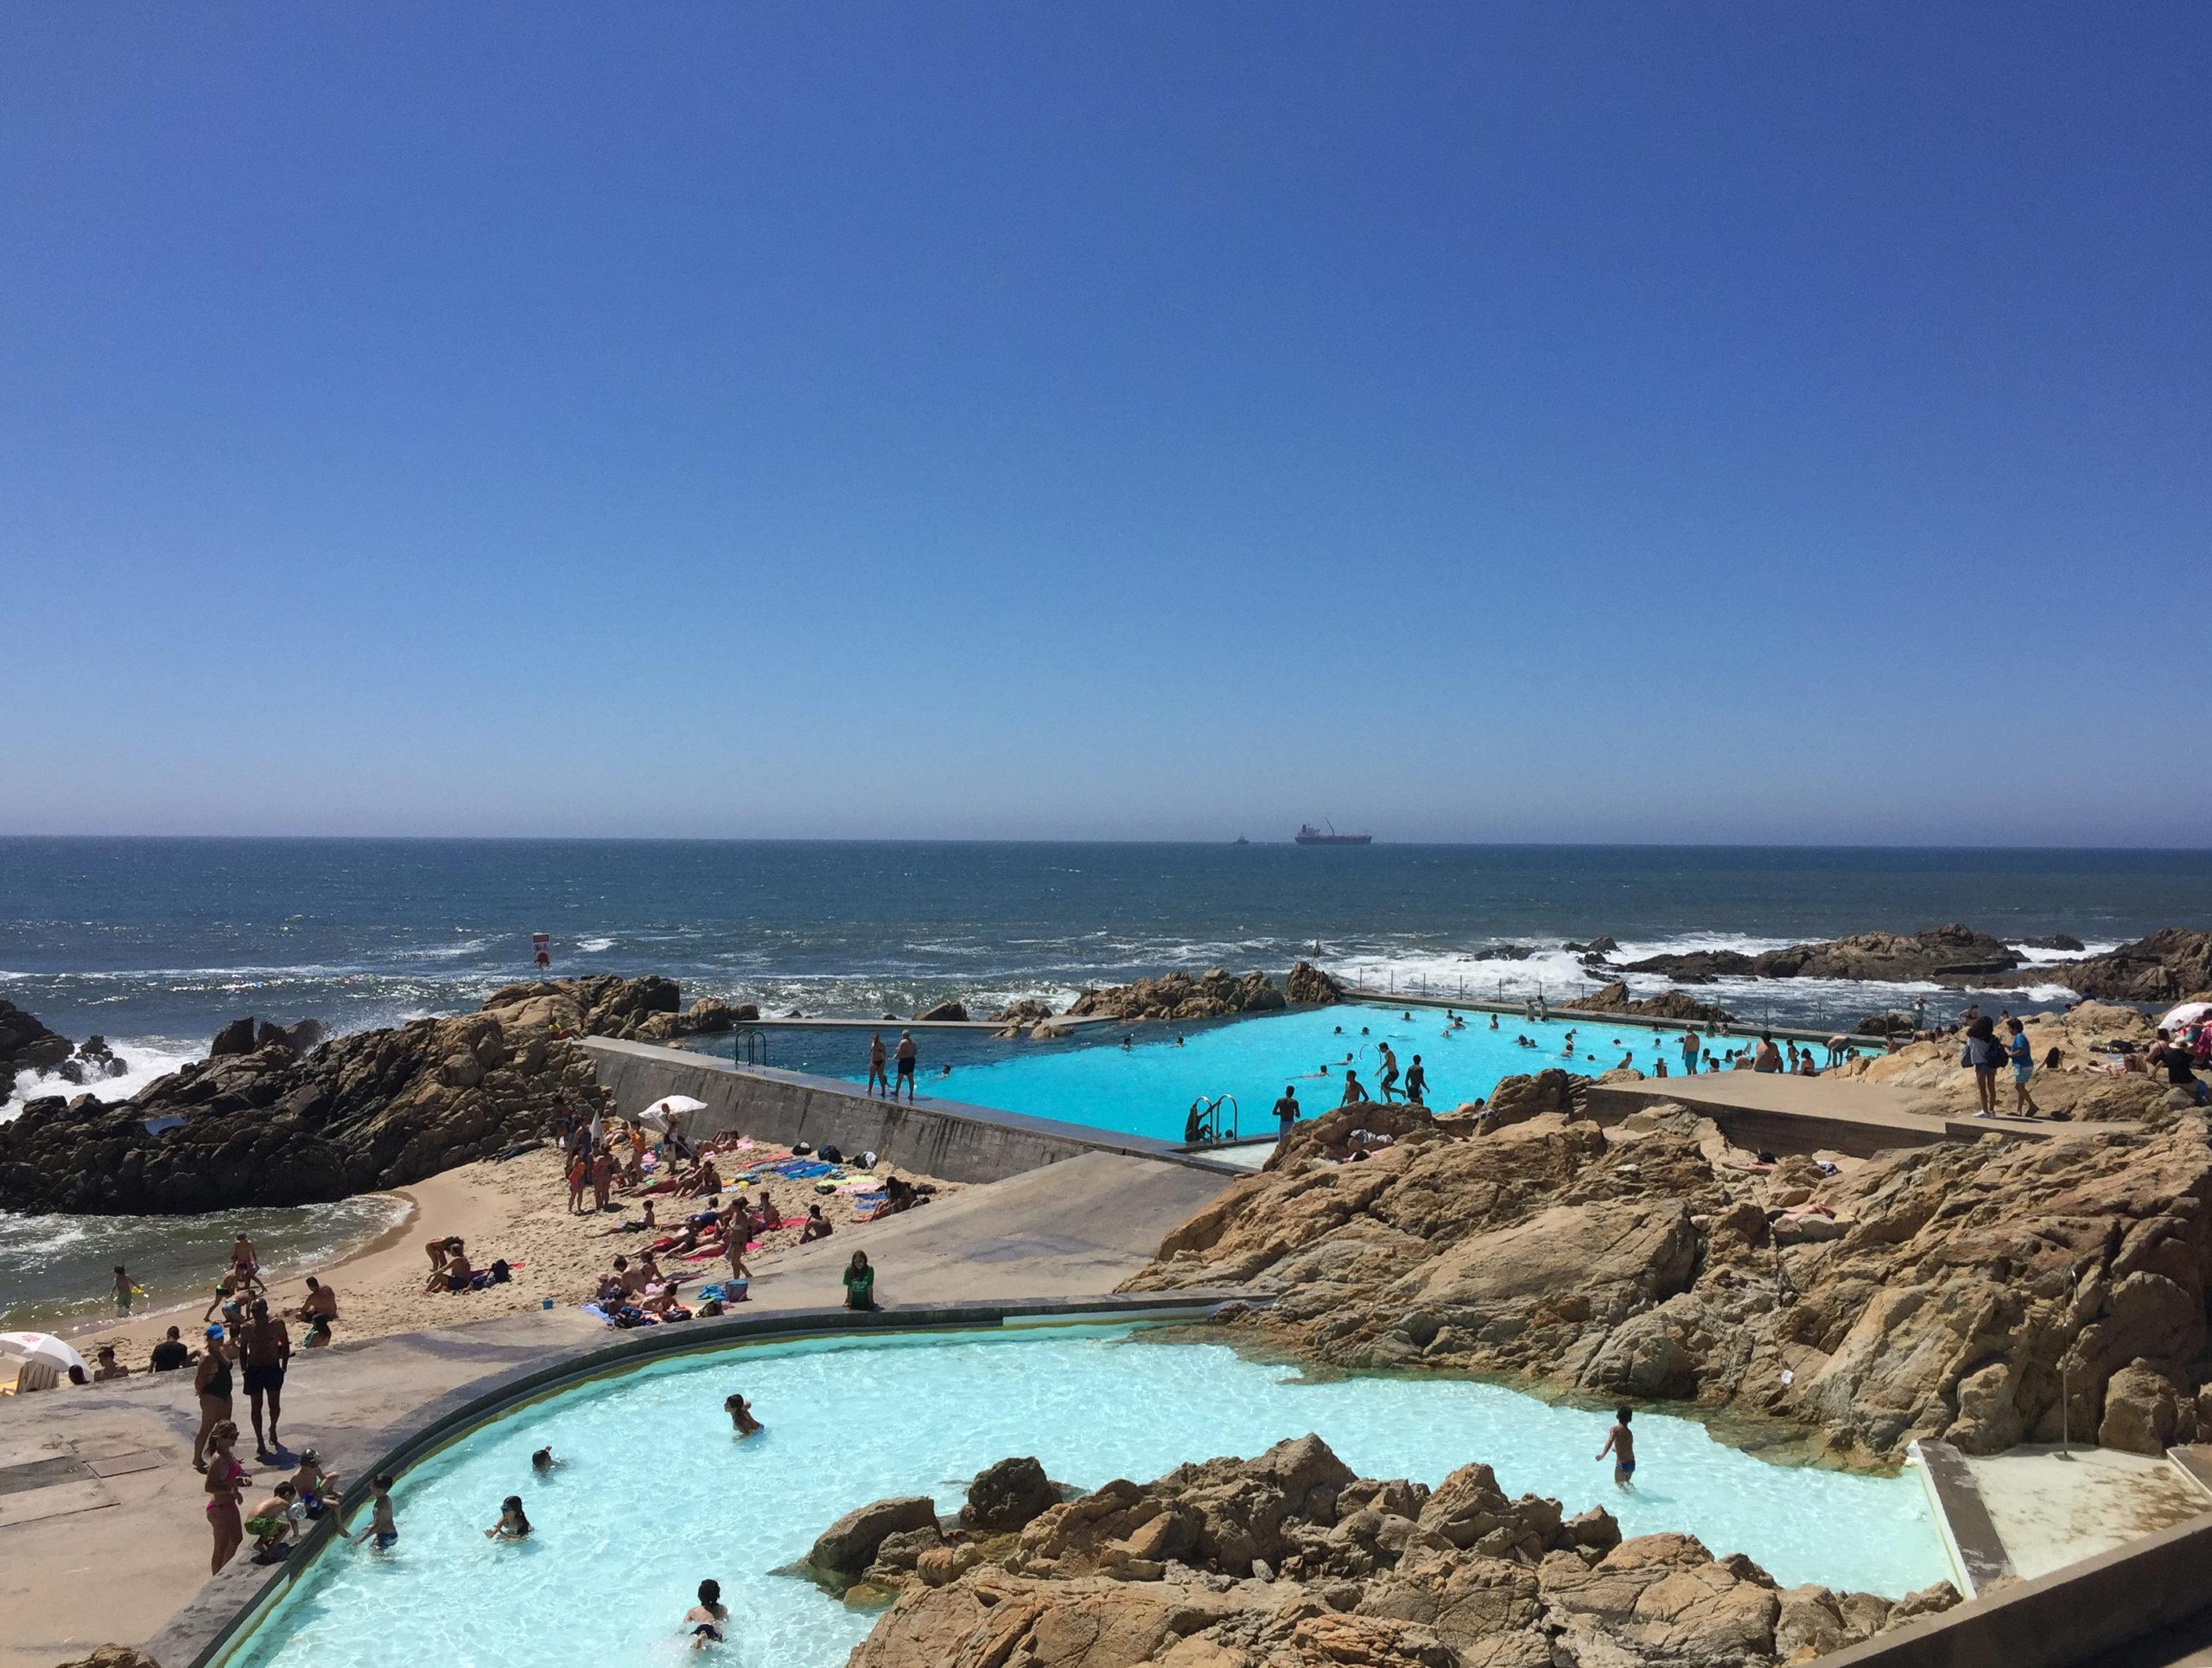 Schwimmbad Piscina das Mares in Matosinhos bei Porto mit zwei Becken und Ozean